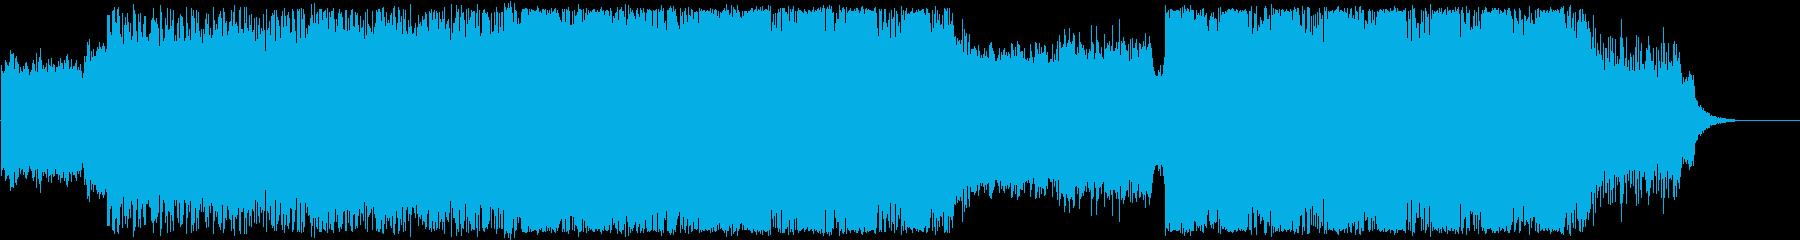 シネマティック、トレーラー、テクスチャーの再生済みの波形